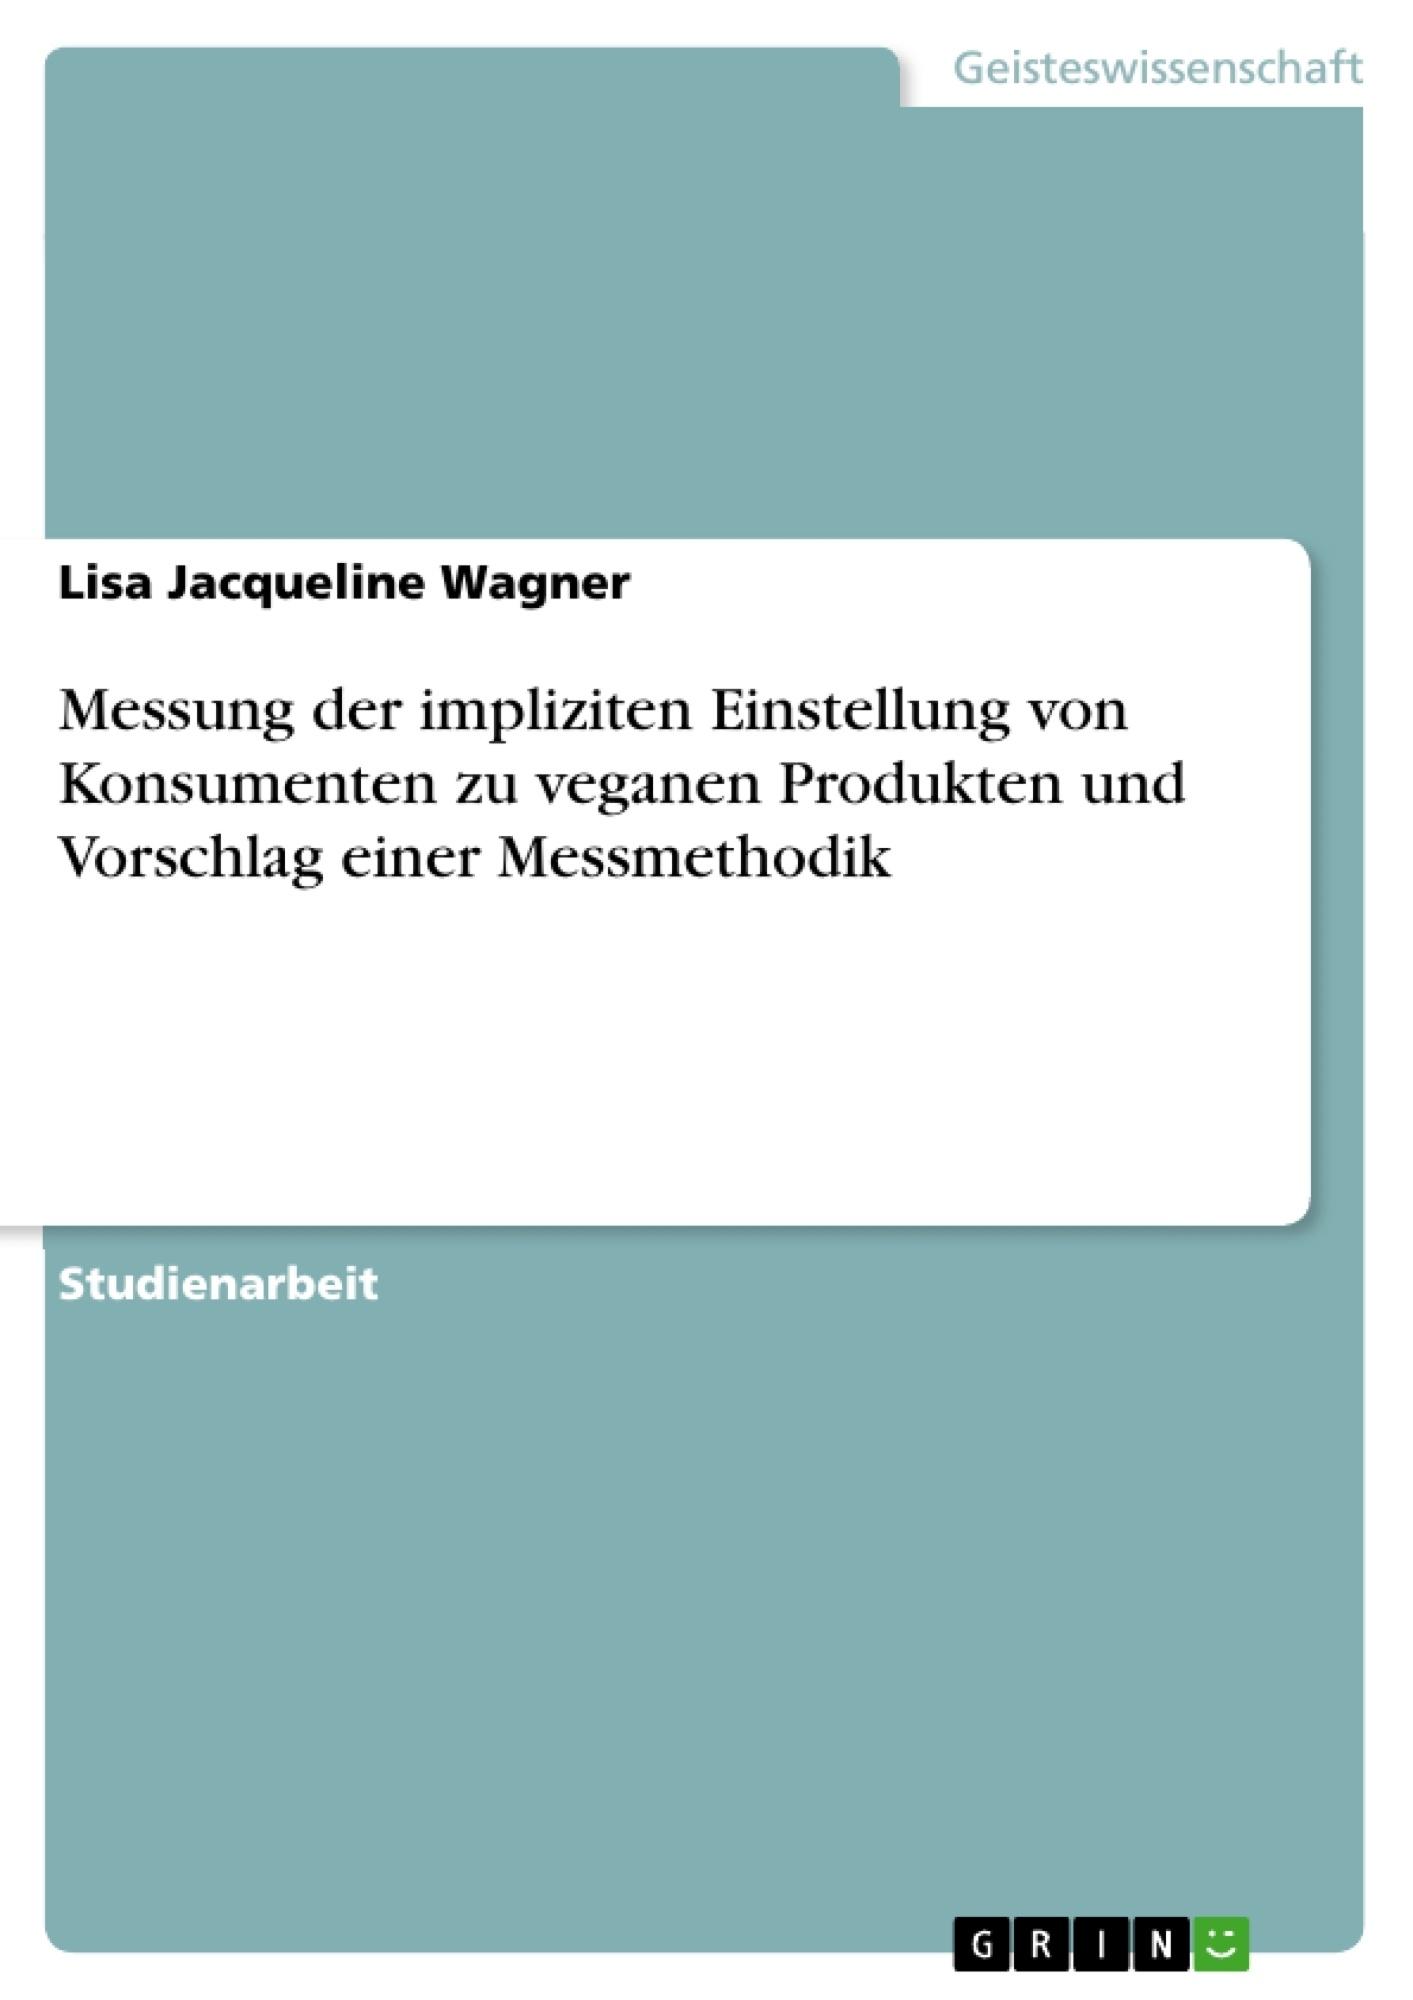 Titel: Messung der impliziten Einstellung von Konsumenten zu veganen Produkten und Vorschlag einer Messmethodik